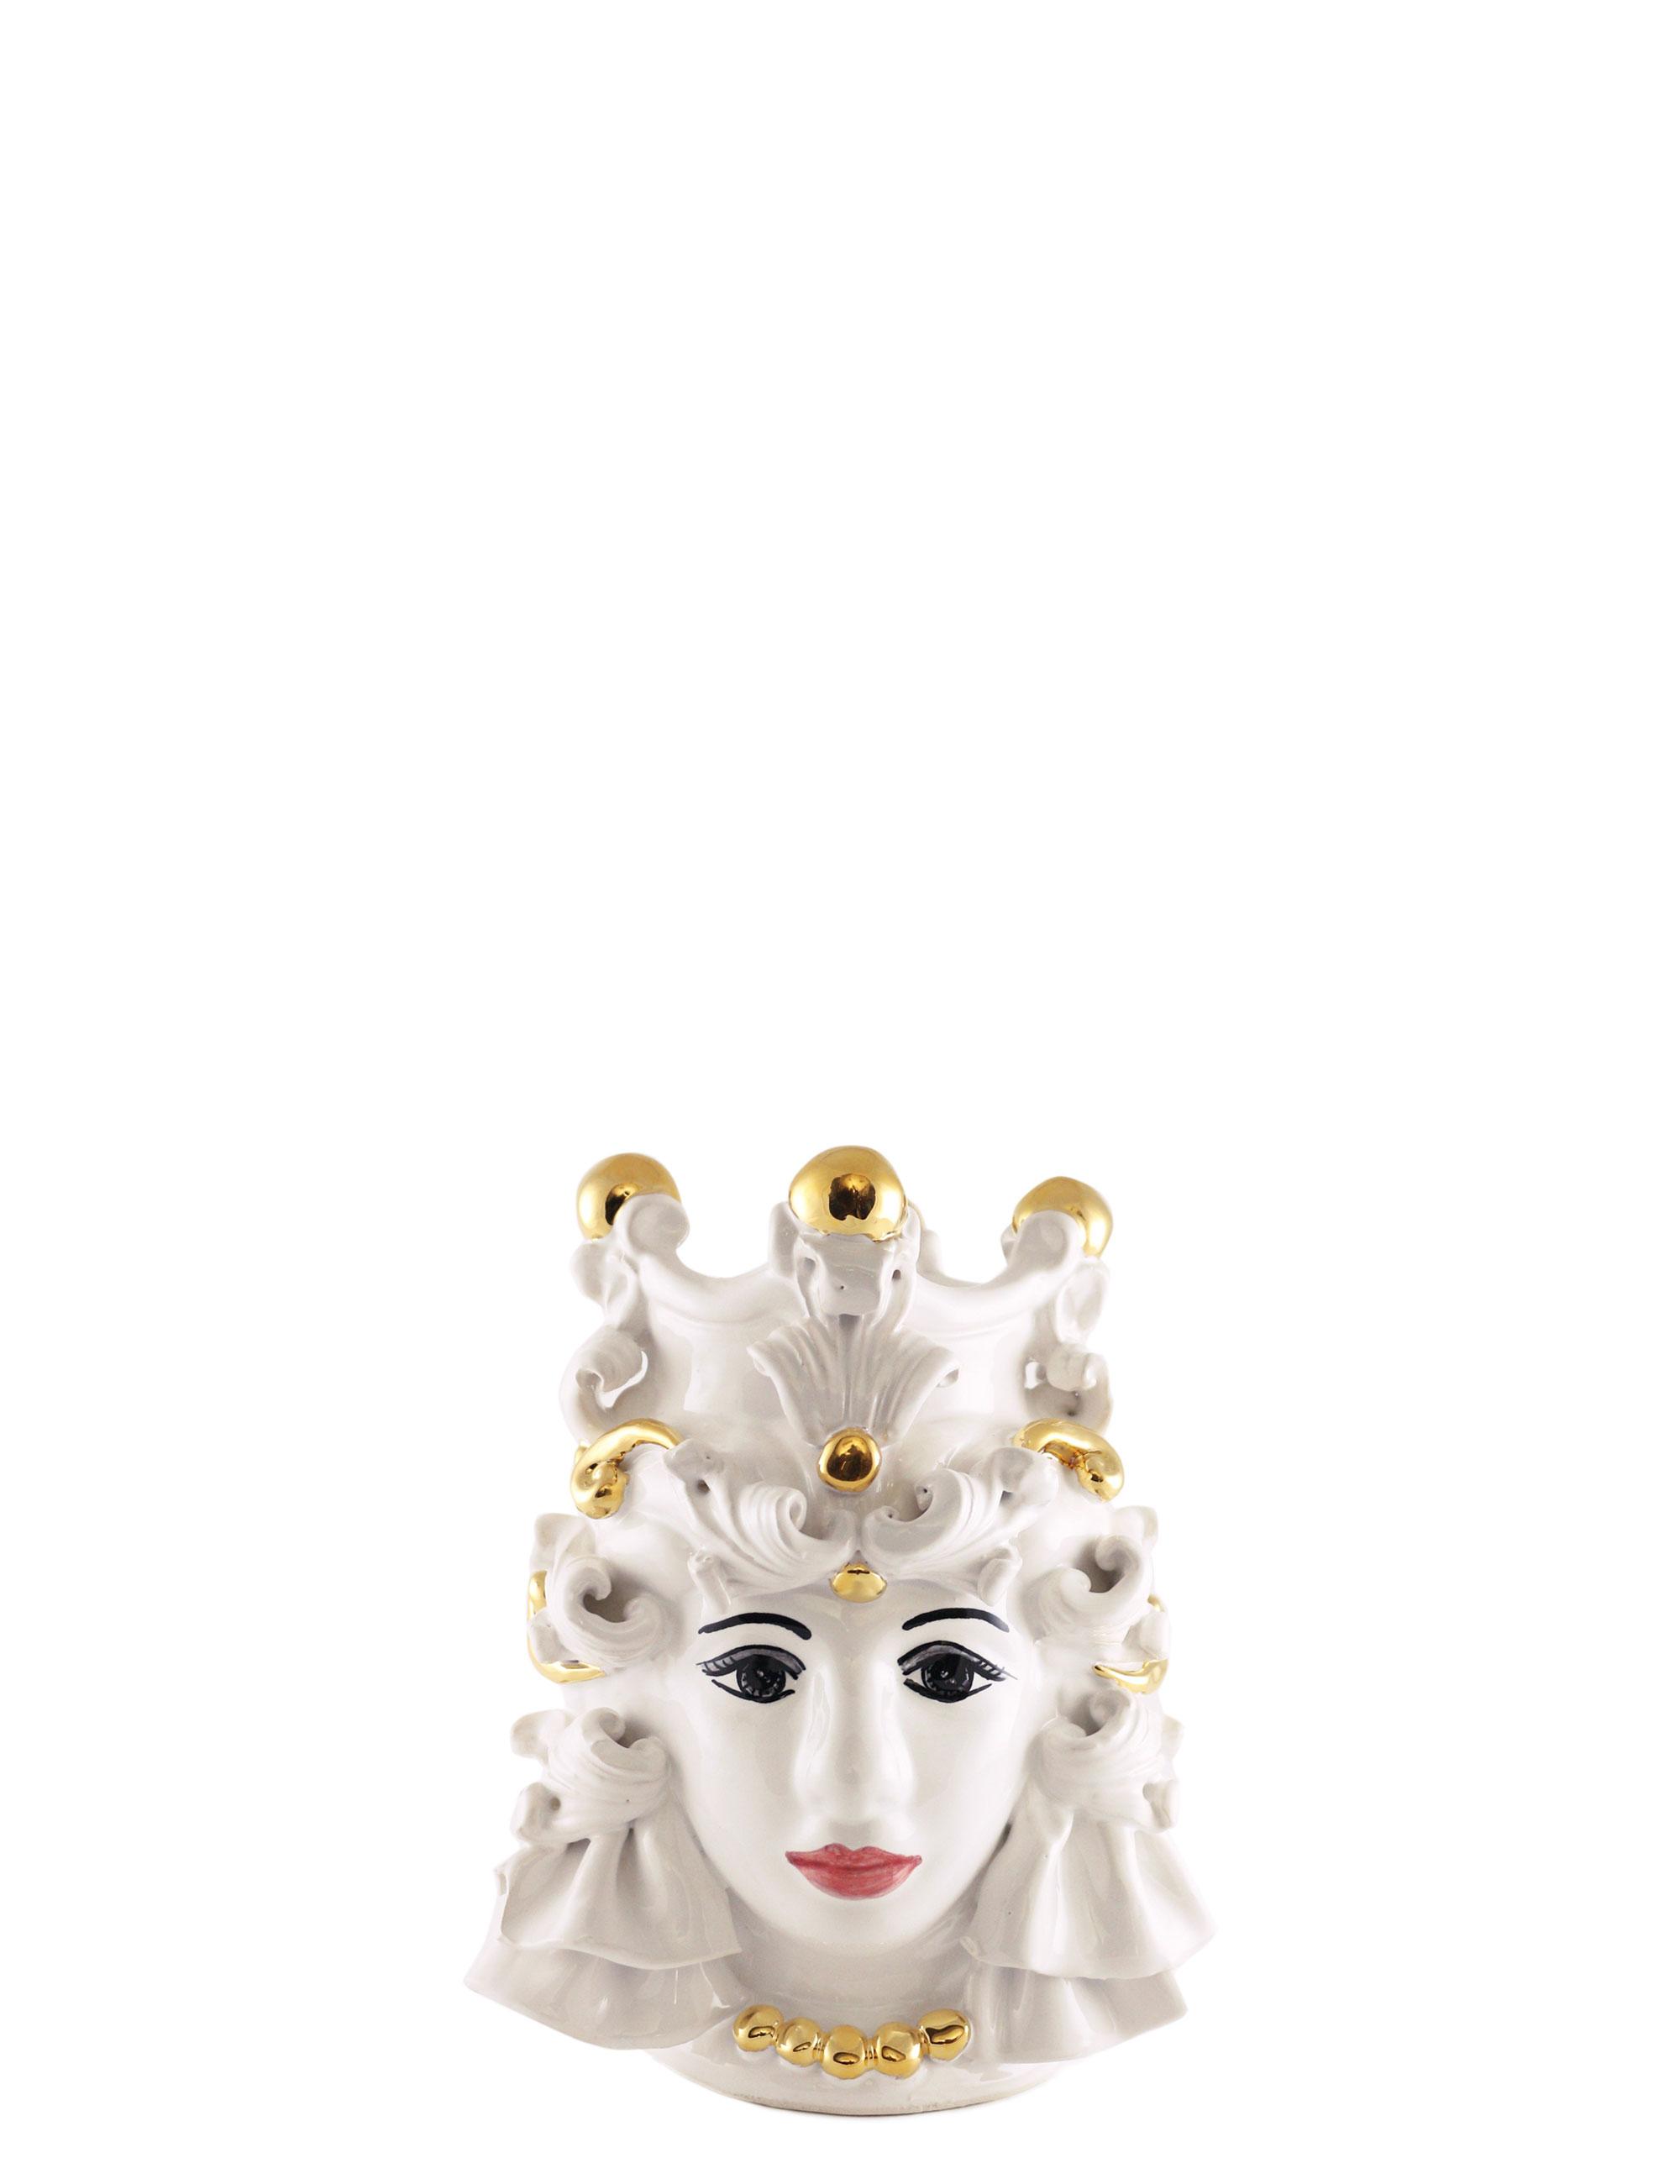 testa di moro piccola Nora decorazioni oro ceramica siciliana artigianale